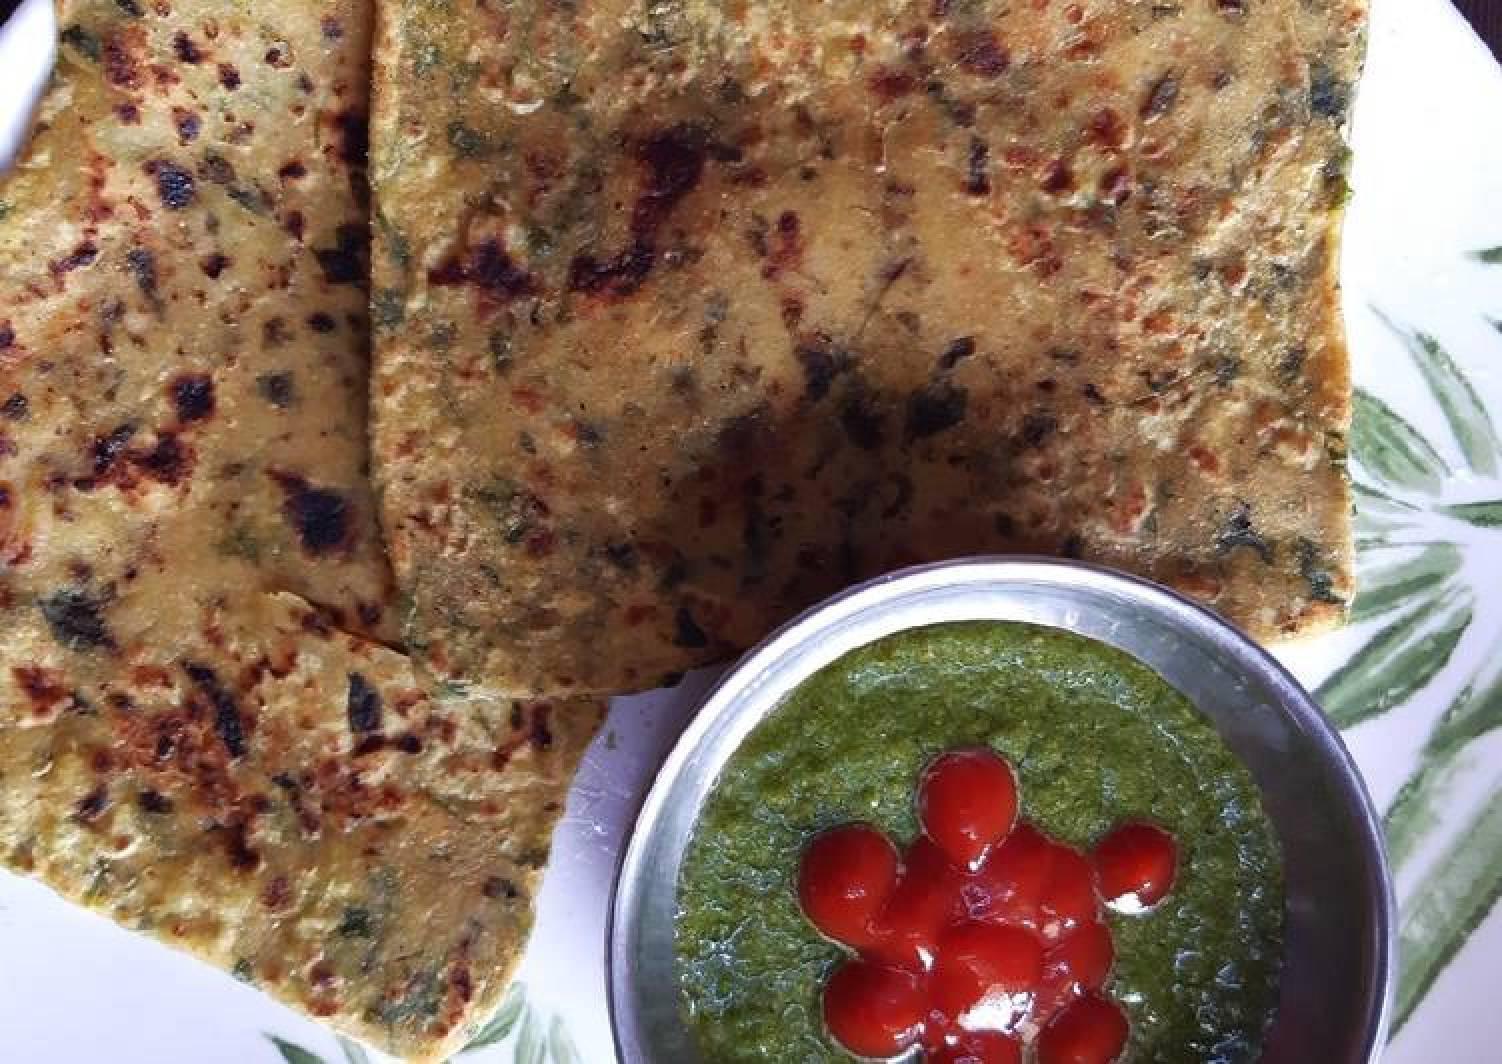 Stuffed cheese fenugreek paratha